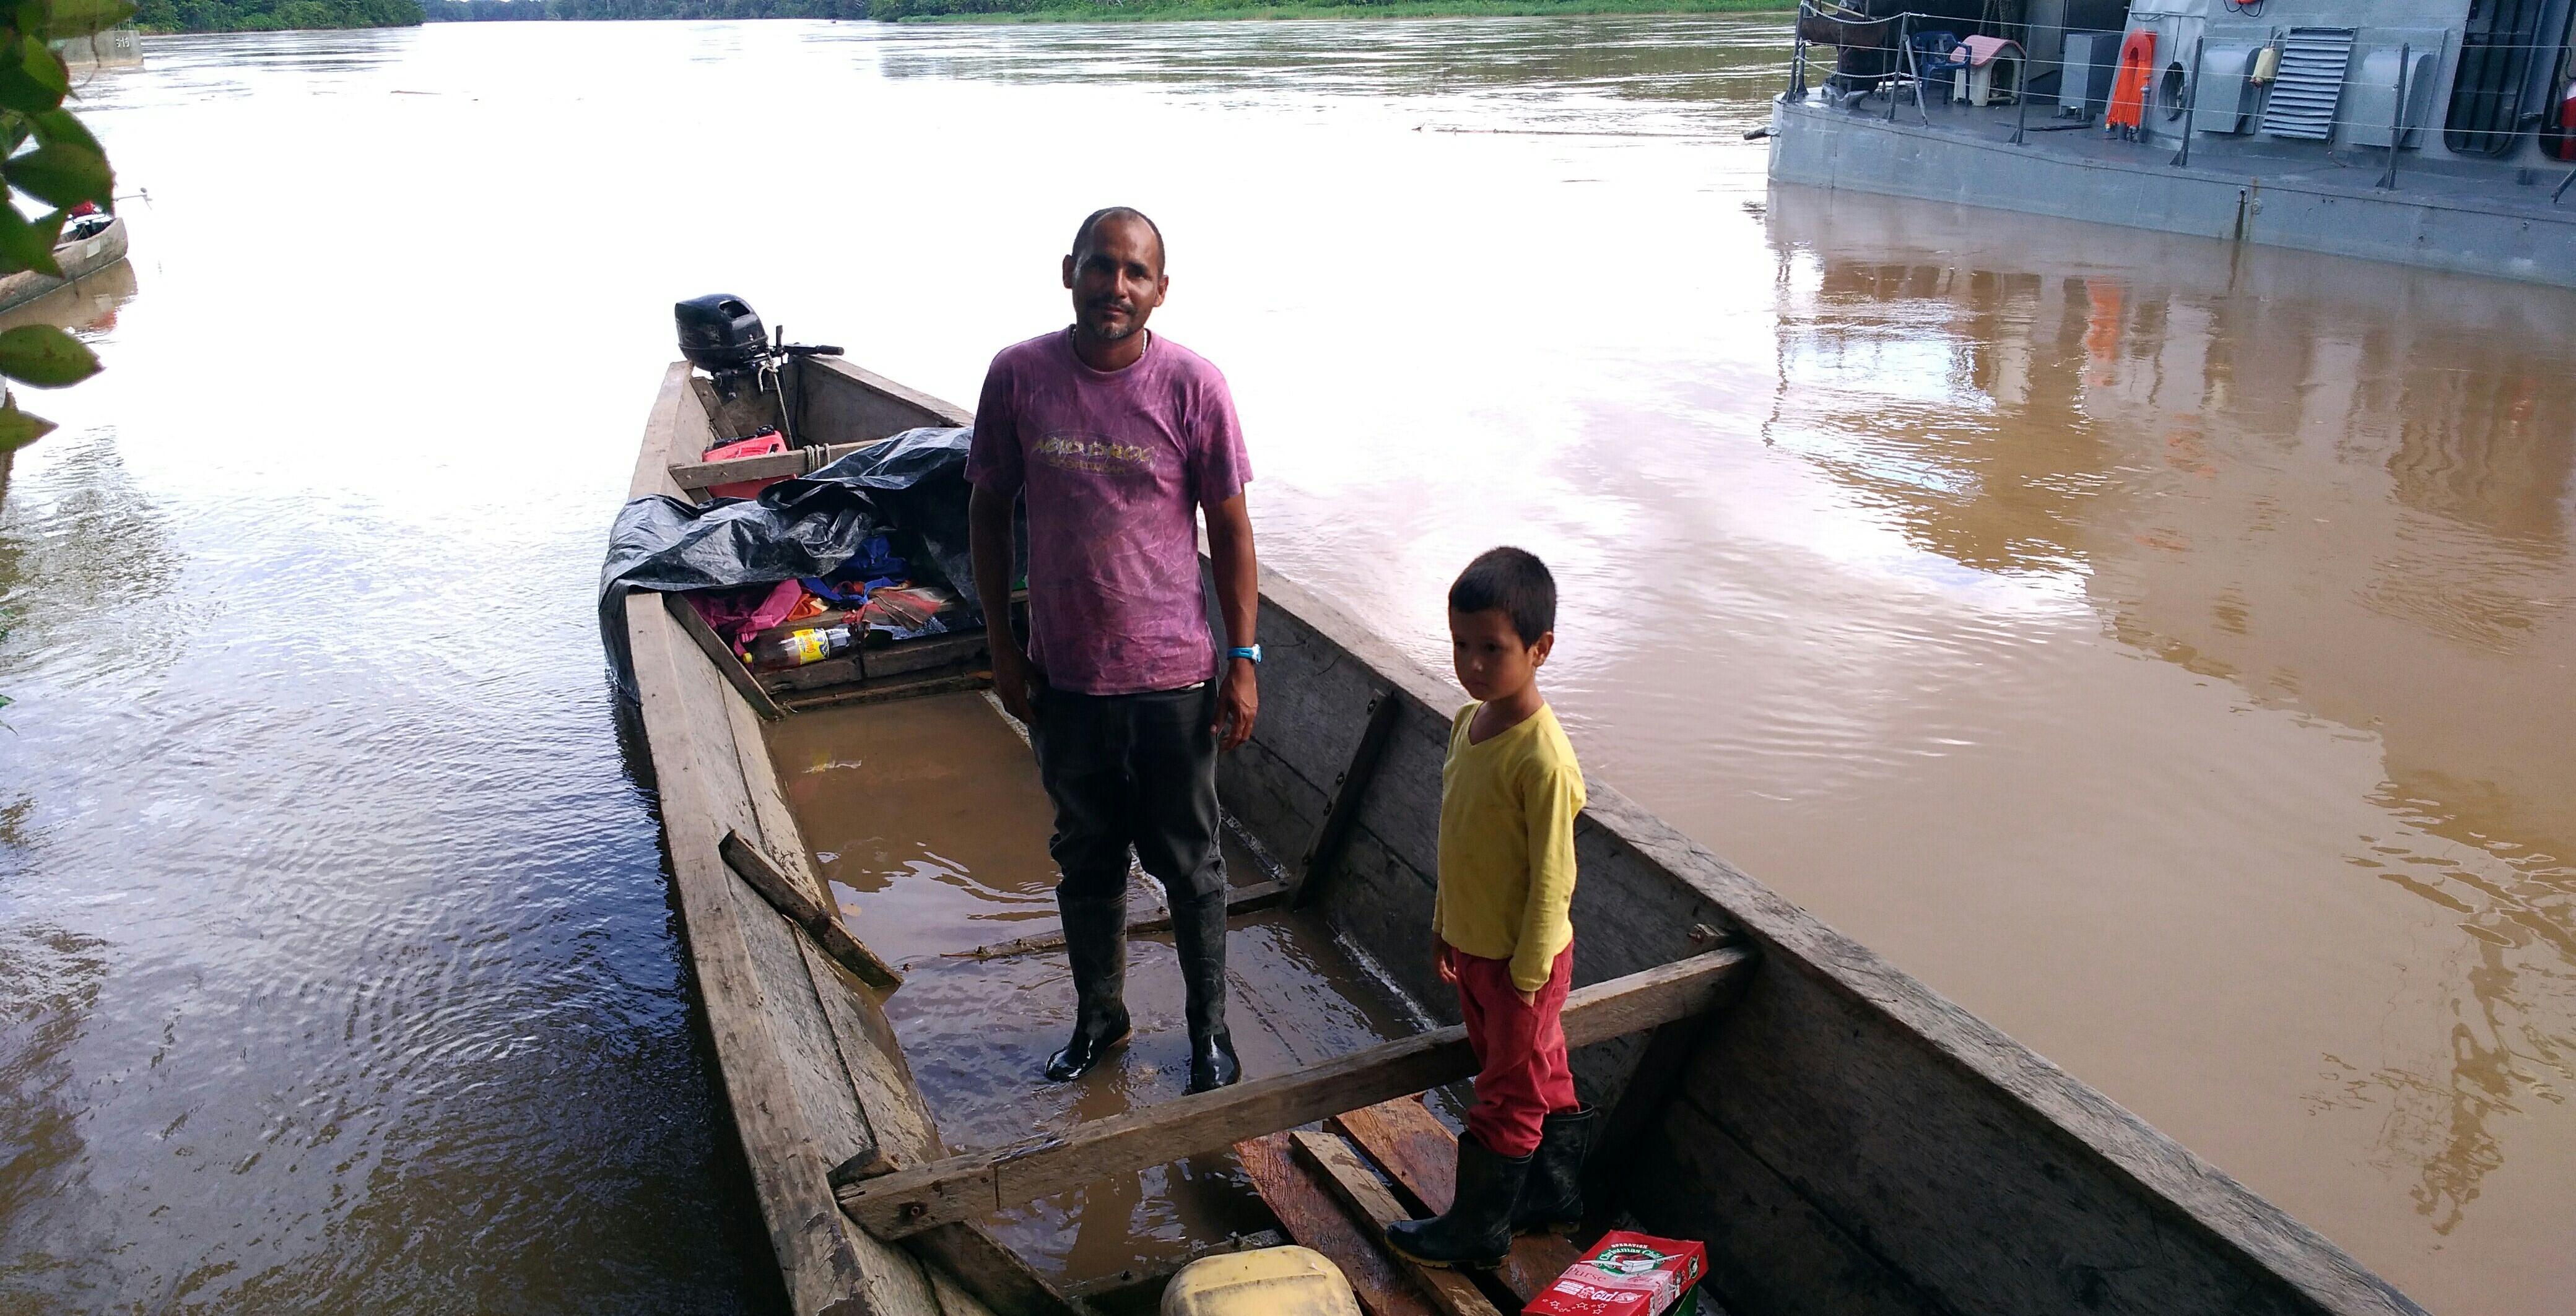 En su 'peque – peque' llega a Puerto Puntales Francisco Charry Vidal, gobernador de Yarinal. Foto: Mauricio Orjuela.